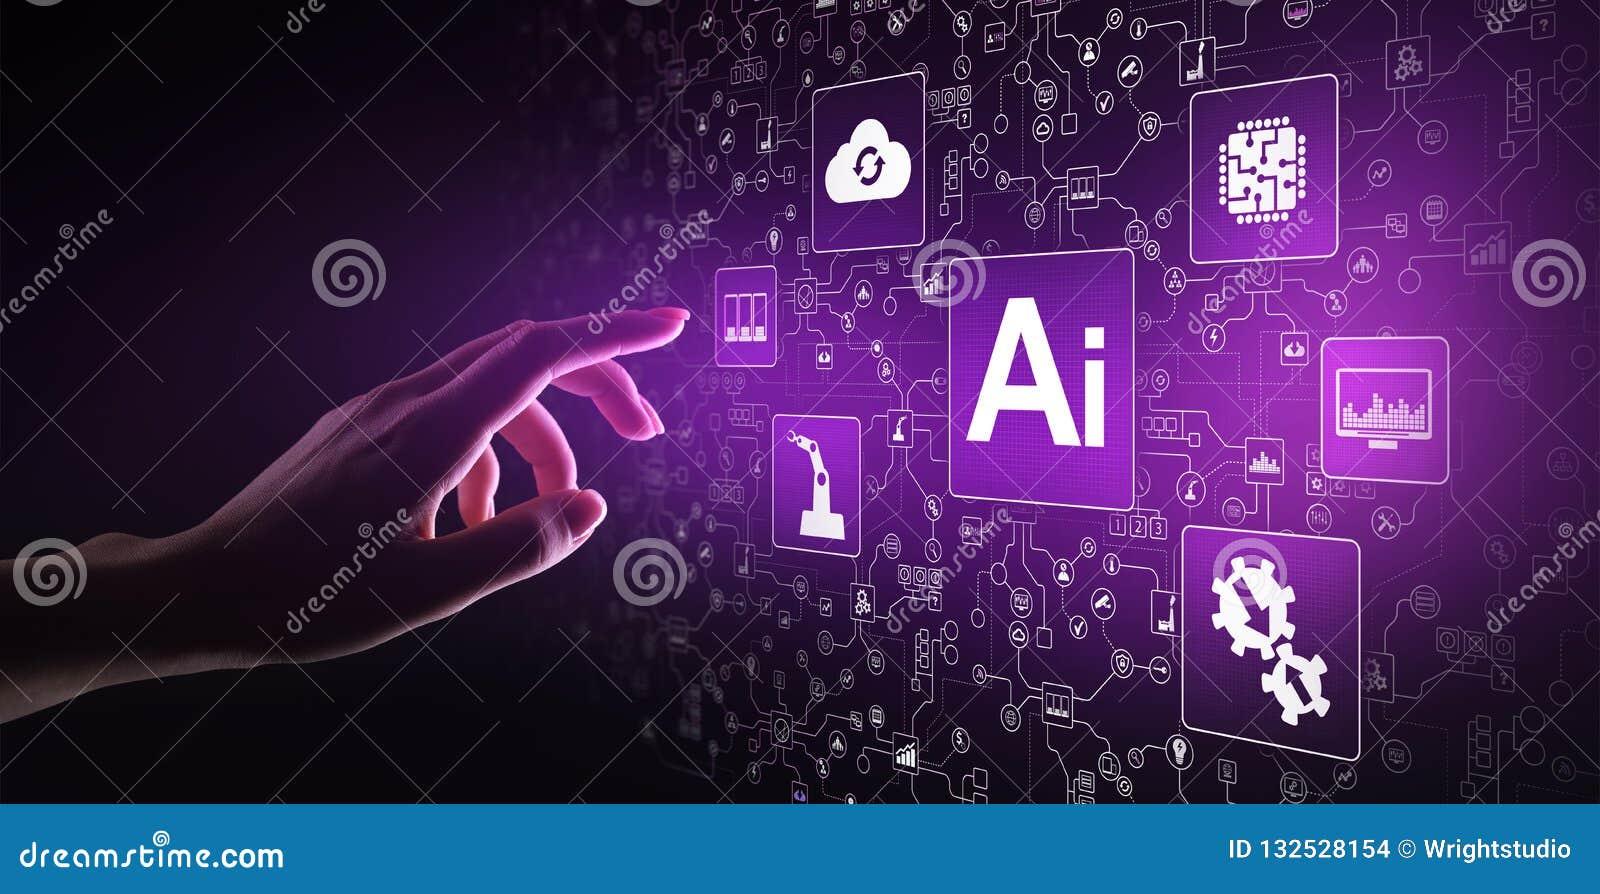 Τεχνητή νοημοσύνη AI, μαθαίνοντας, μεγάλες στοιχείων ανάλυση μηχανών και τεχνολογία αυτοματοποίησης στην επιχείρηση